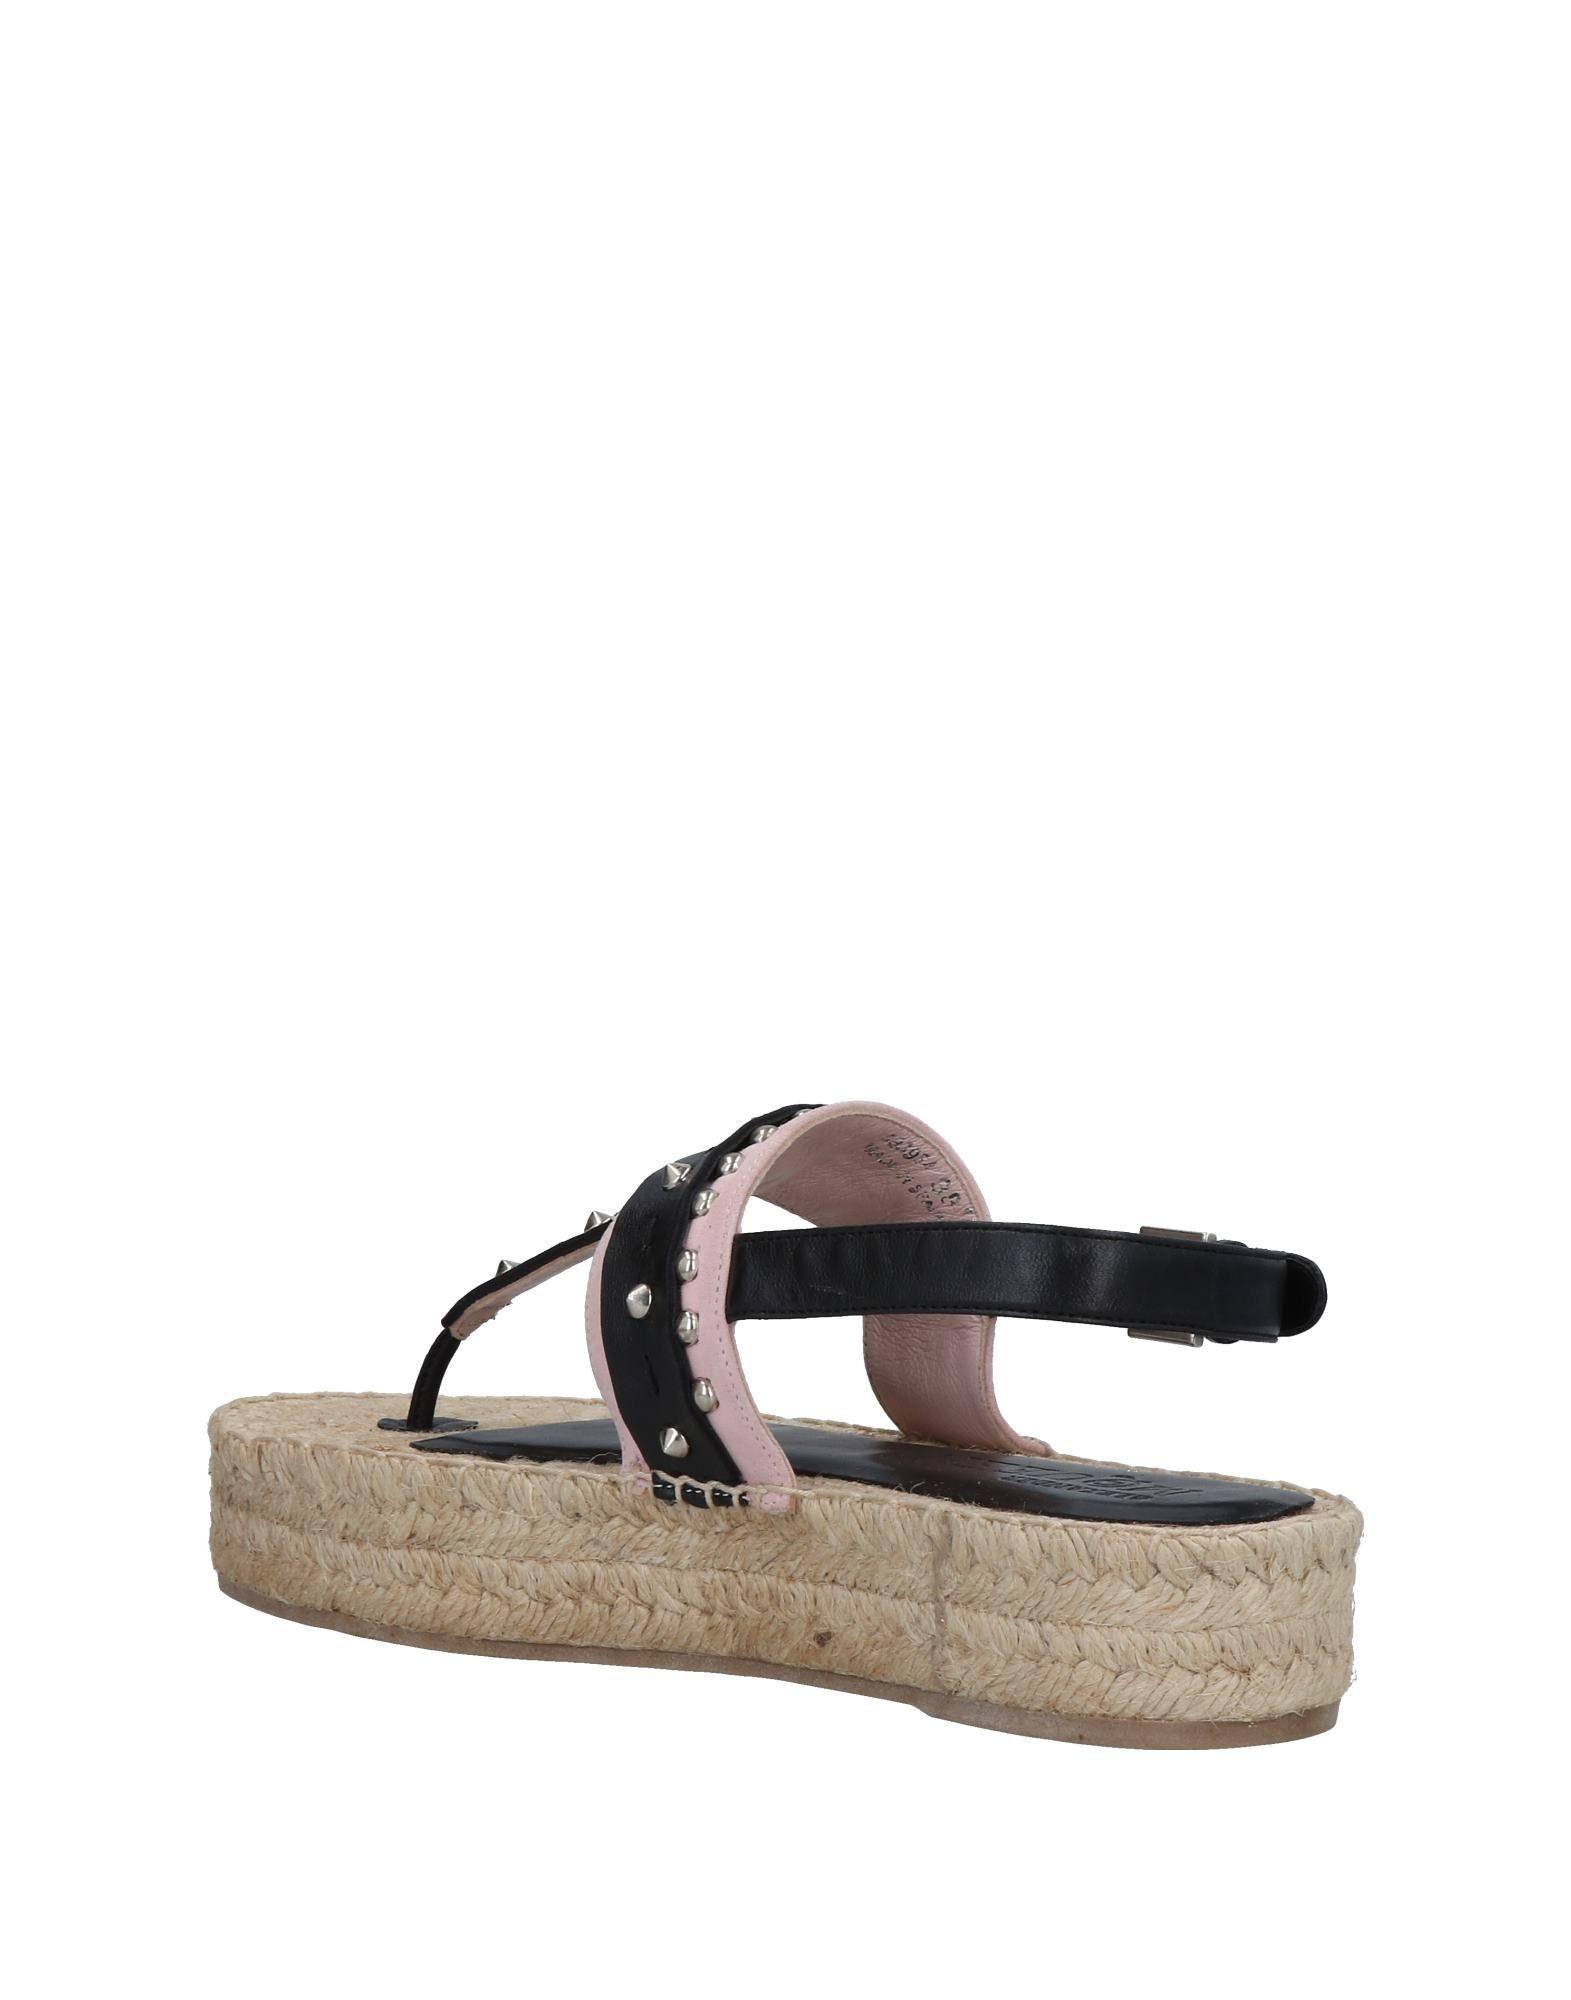 Rabatt Schuhe  Alexander Mcqueen Dianetten Damen  Schuhe 11478465TS bb841f